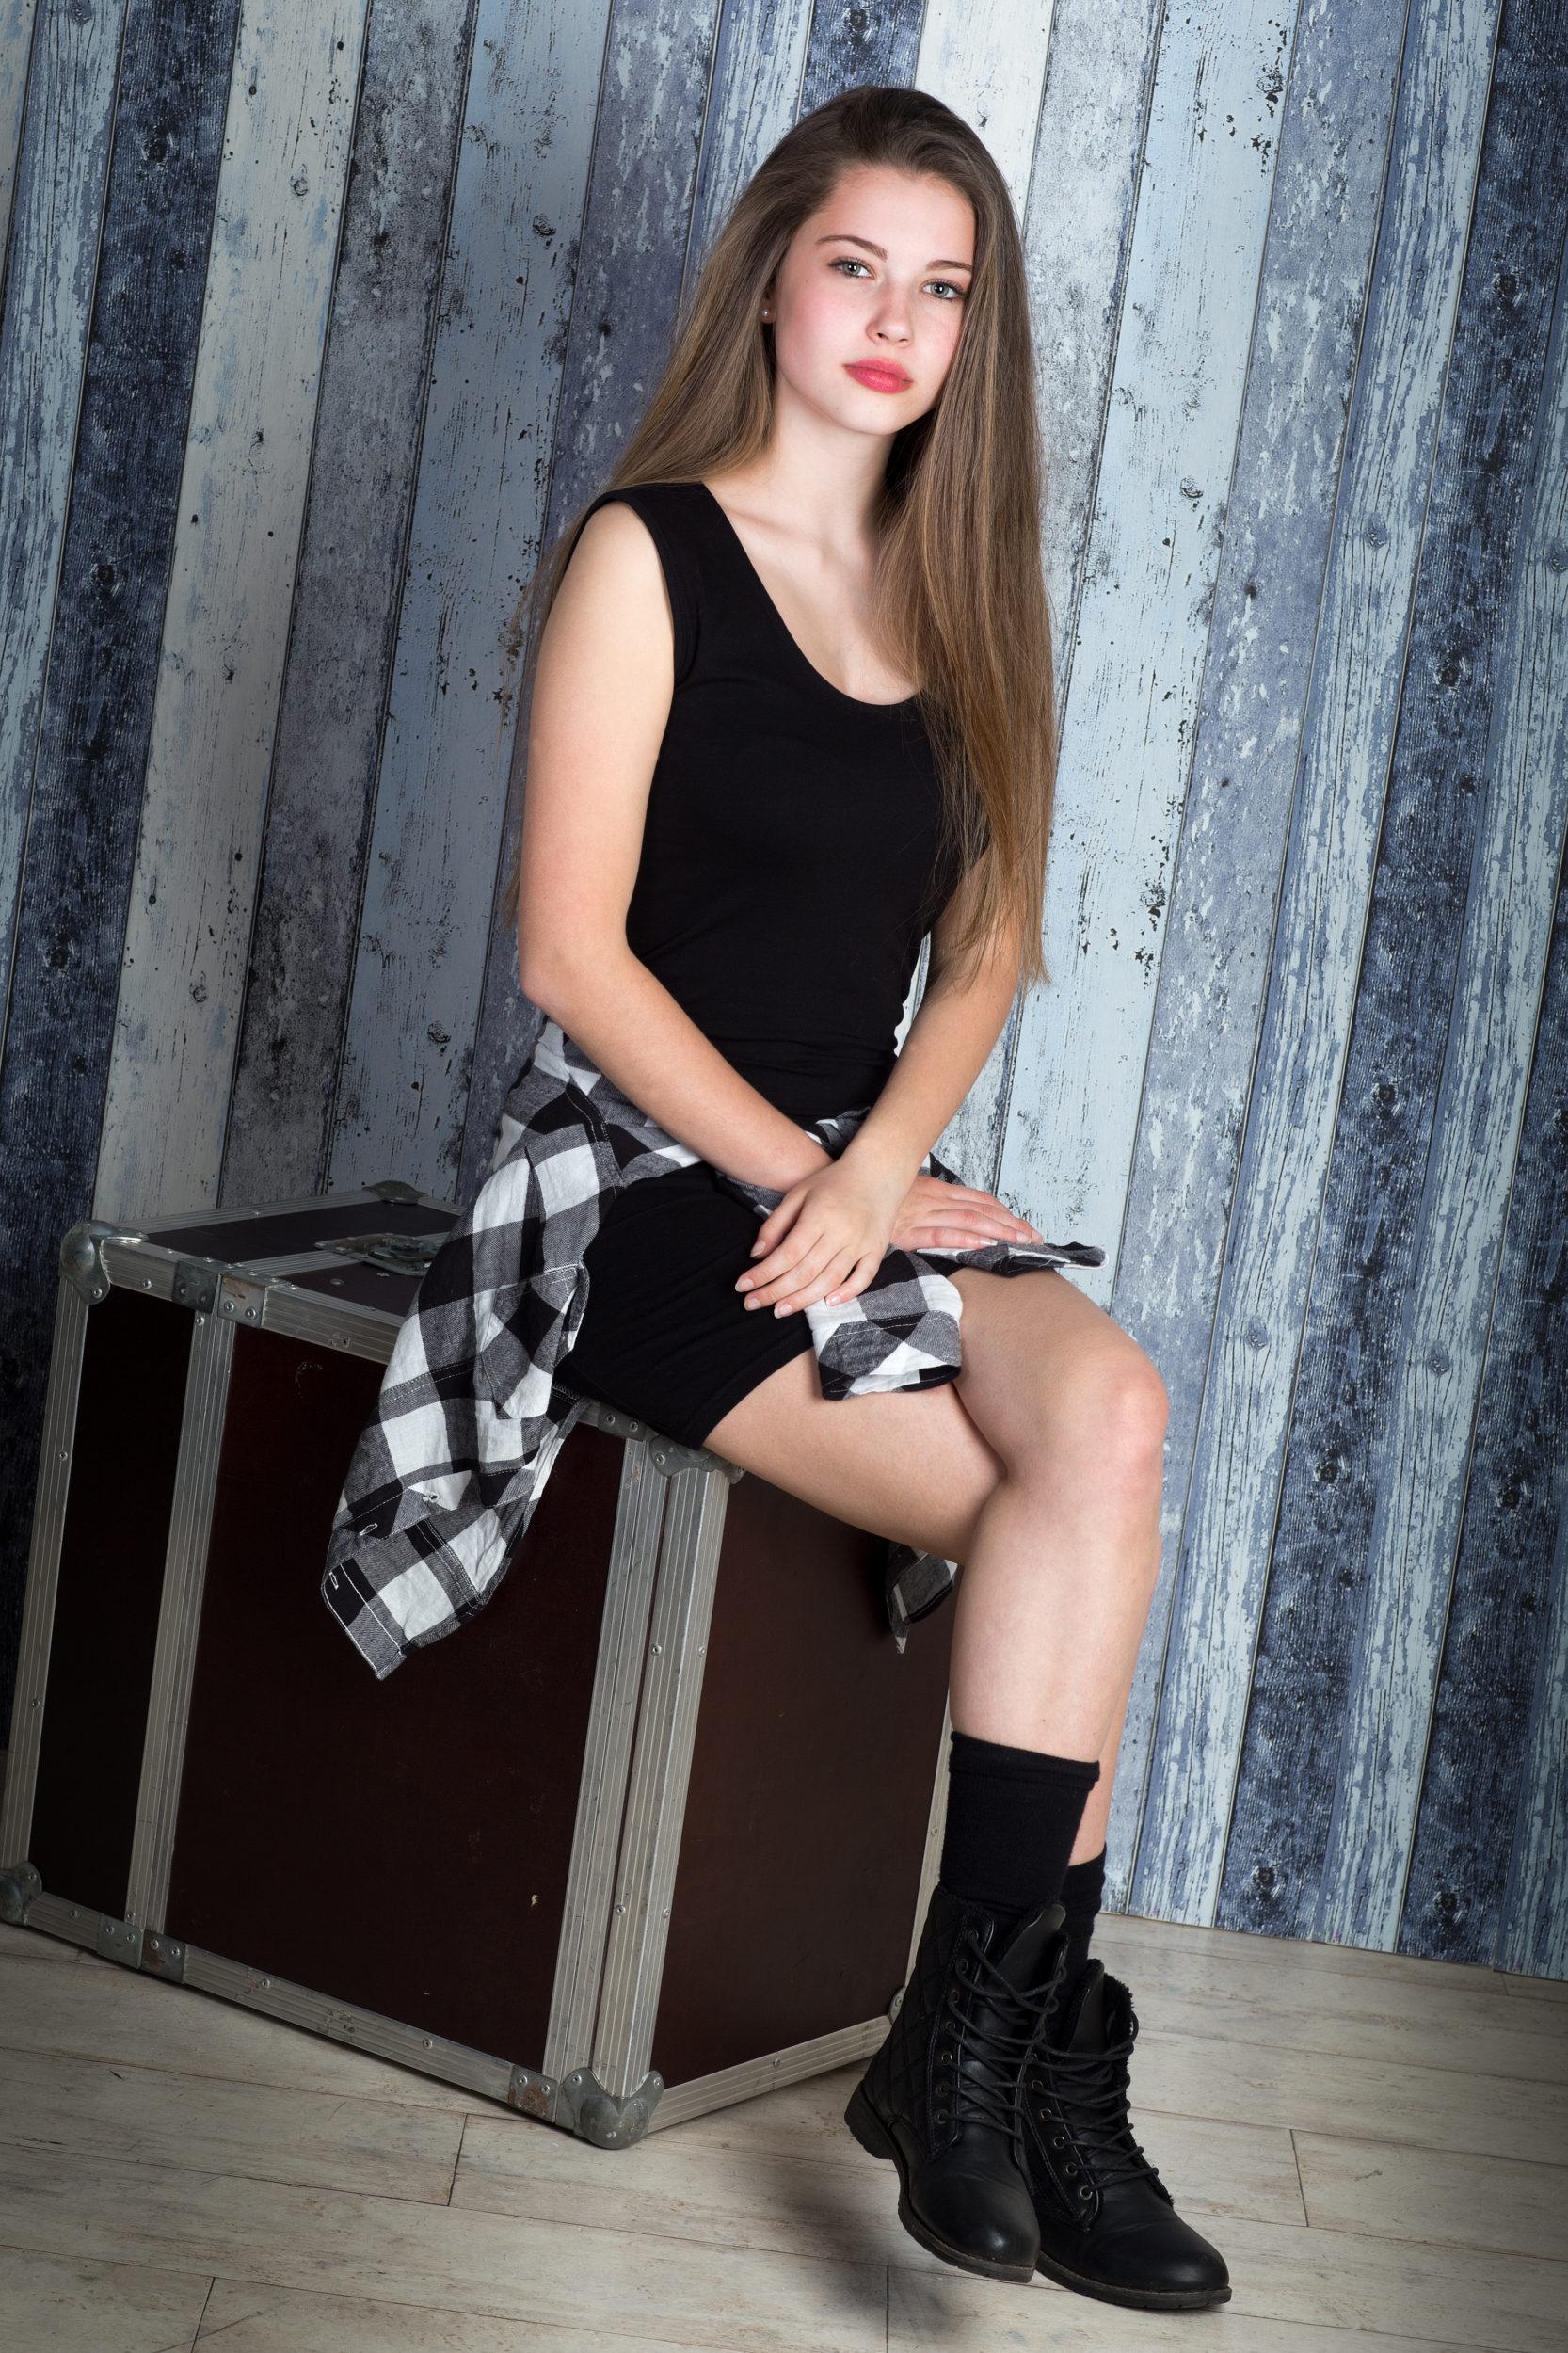 Teen Mädchen Studiofoto